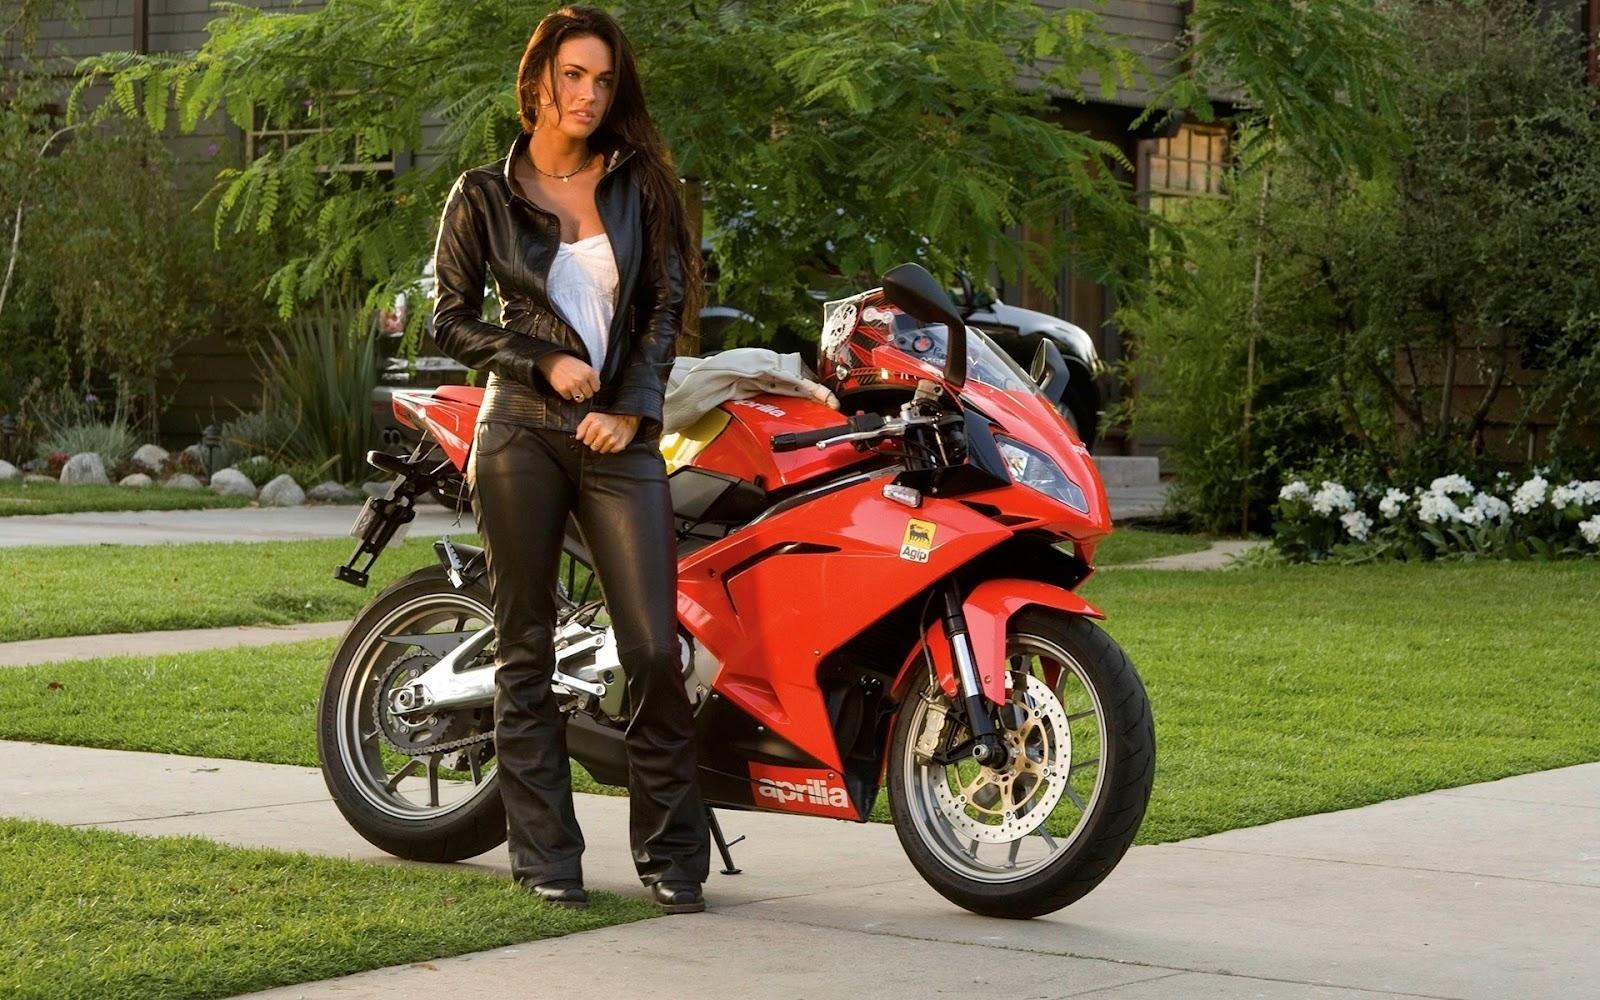 Fondos HD Mujeres y Motos Megan Fox y Moto Deportiva 1600x1000